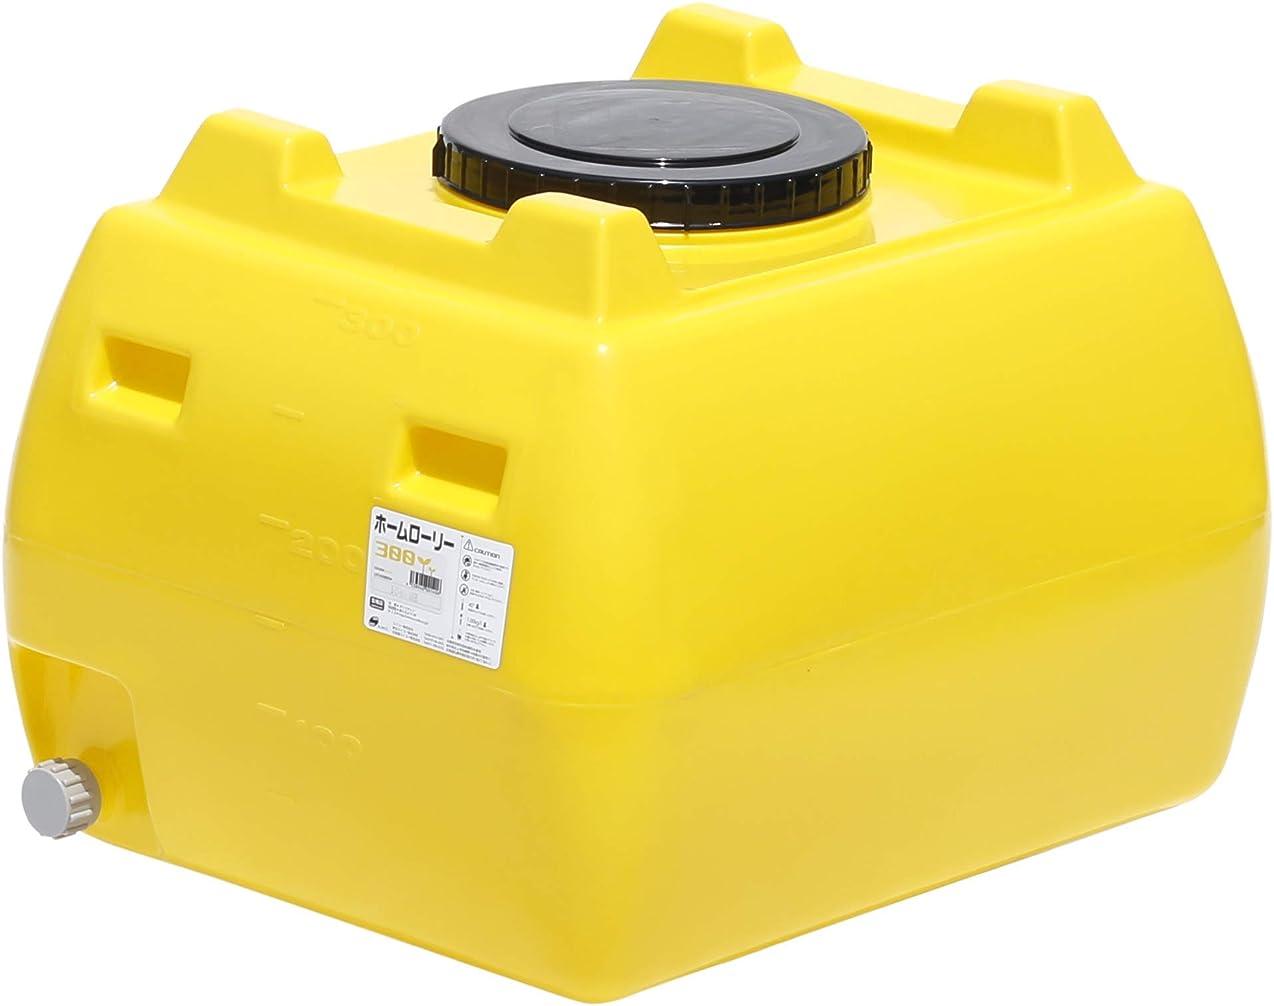 弾性美的デッドホームローリー 300L 黄色 (雨水タンク) 貯水槽?貯水タンク スイコー